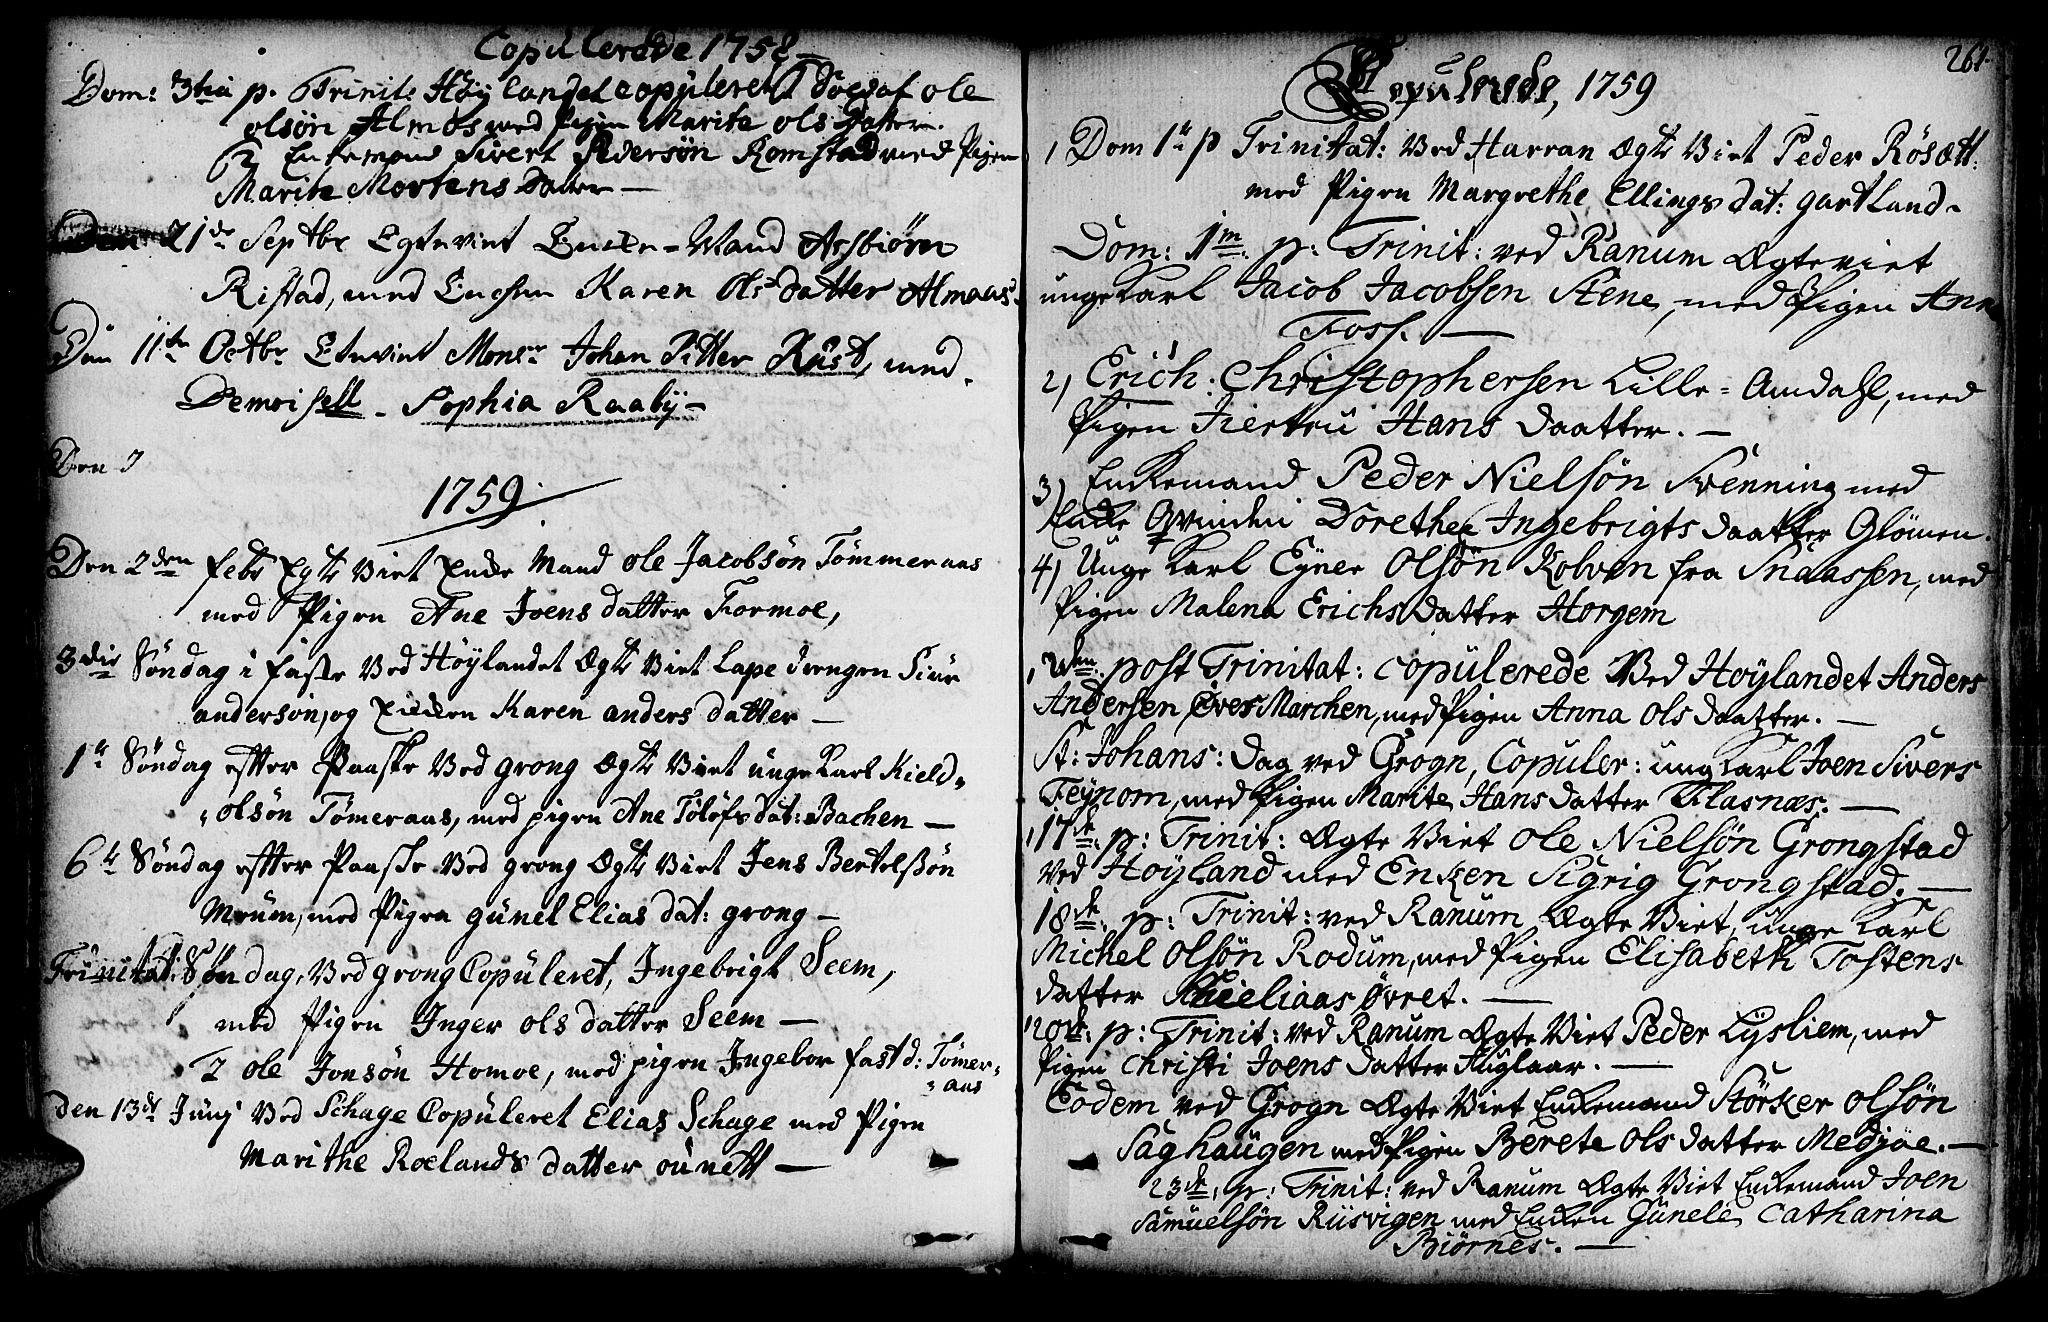 SAT, Ministerialprotokoller, klokkerbøker og fødselsregistre - Nord-Trøndelag, 764/L0542: Ministerialbok nr. 764A02, 1748-1779, s. 261